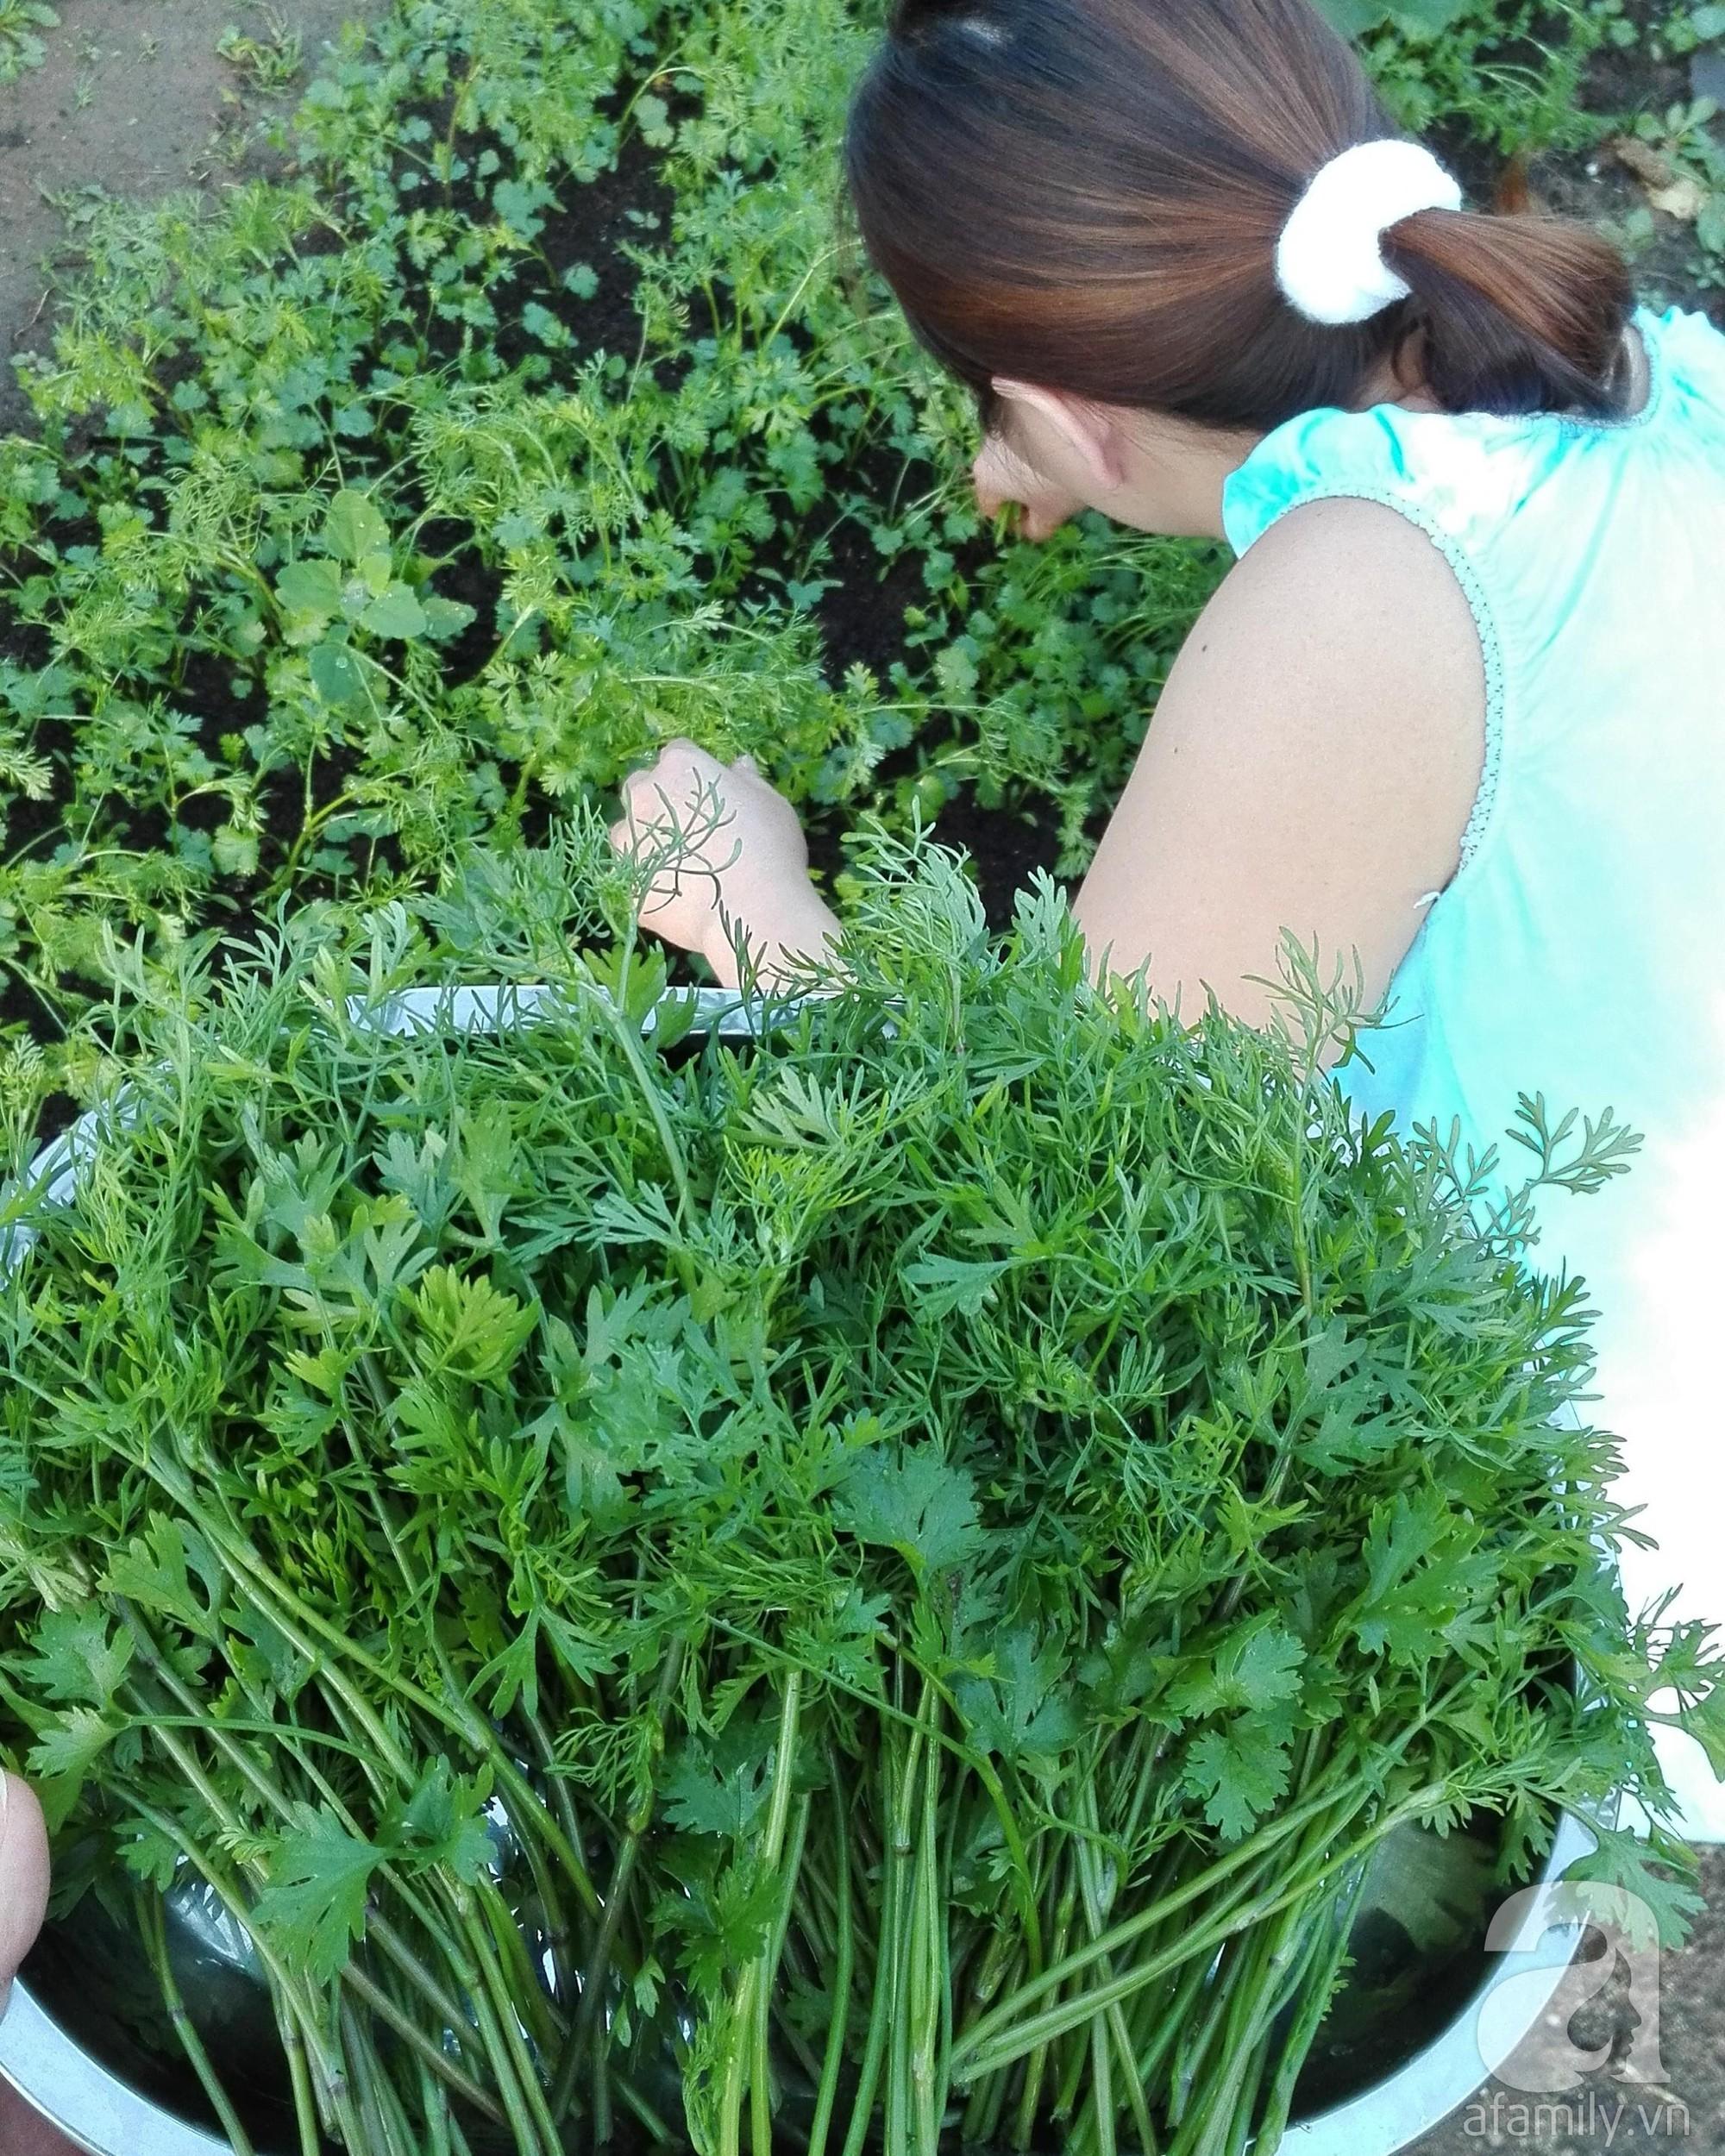 Choáng ngợp trước vườn rau sạch rộng 600m² với đủ rau trái Việt của bà mẹ trẻ ở nước ngoài - Ảnh 9.